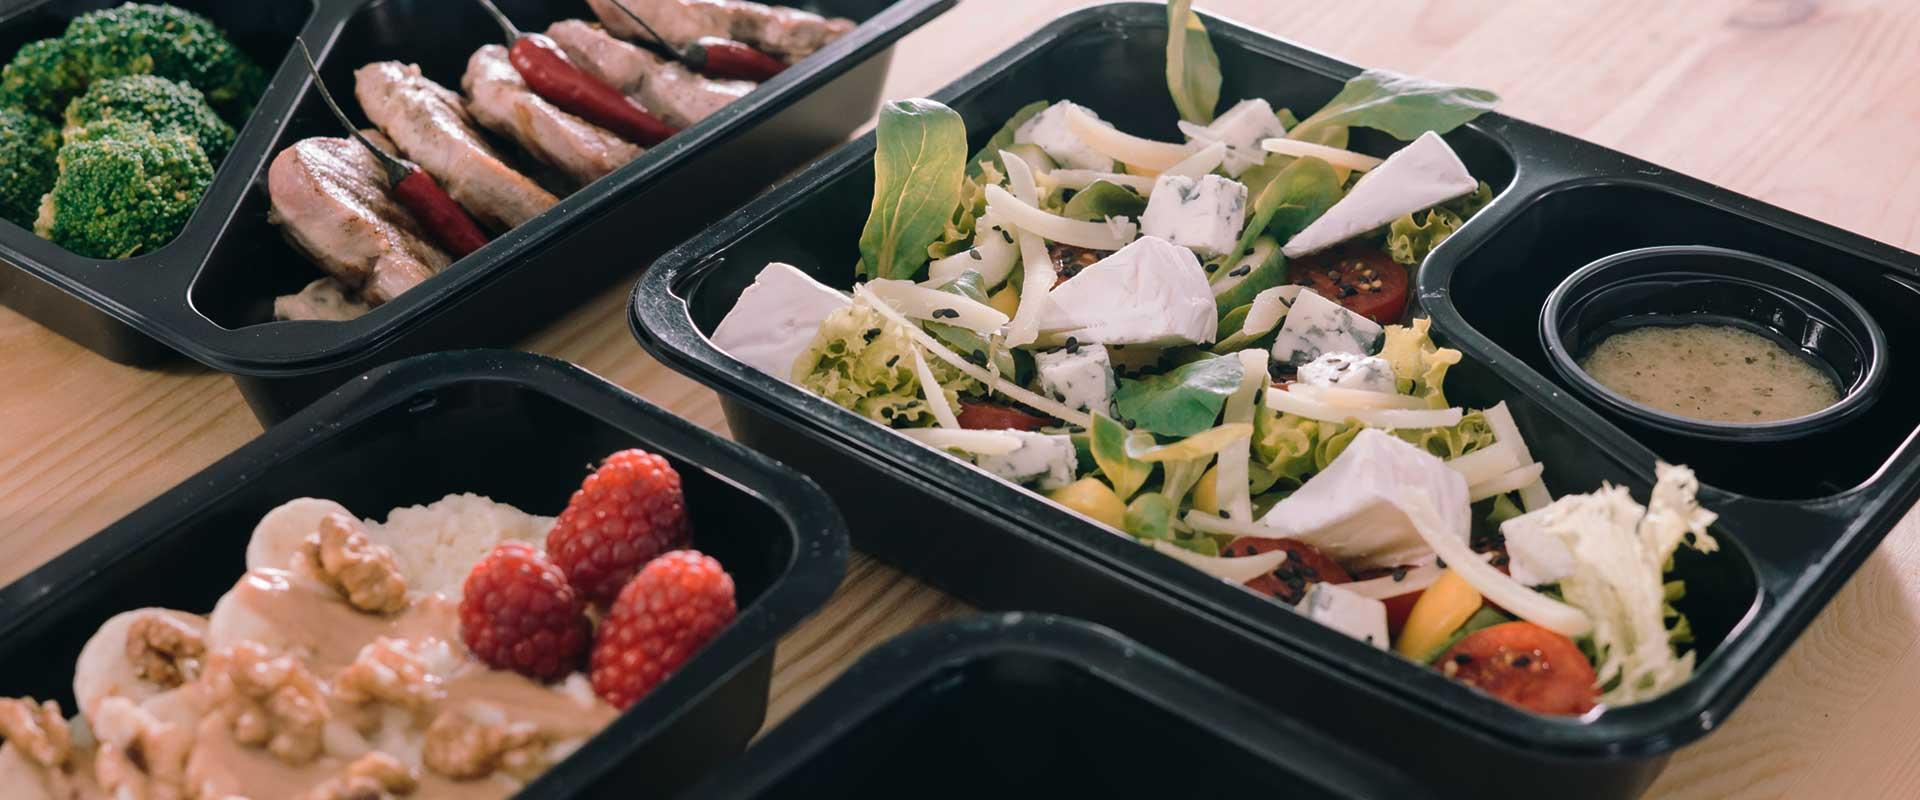 pudełka z jedzeniem